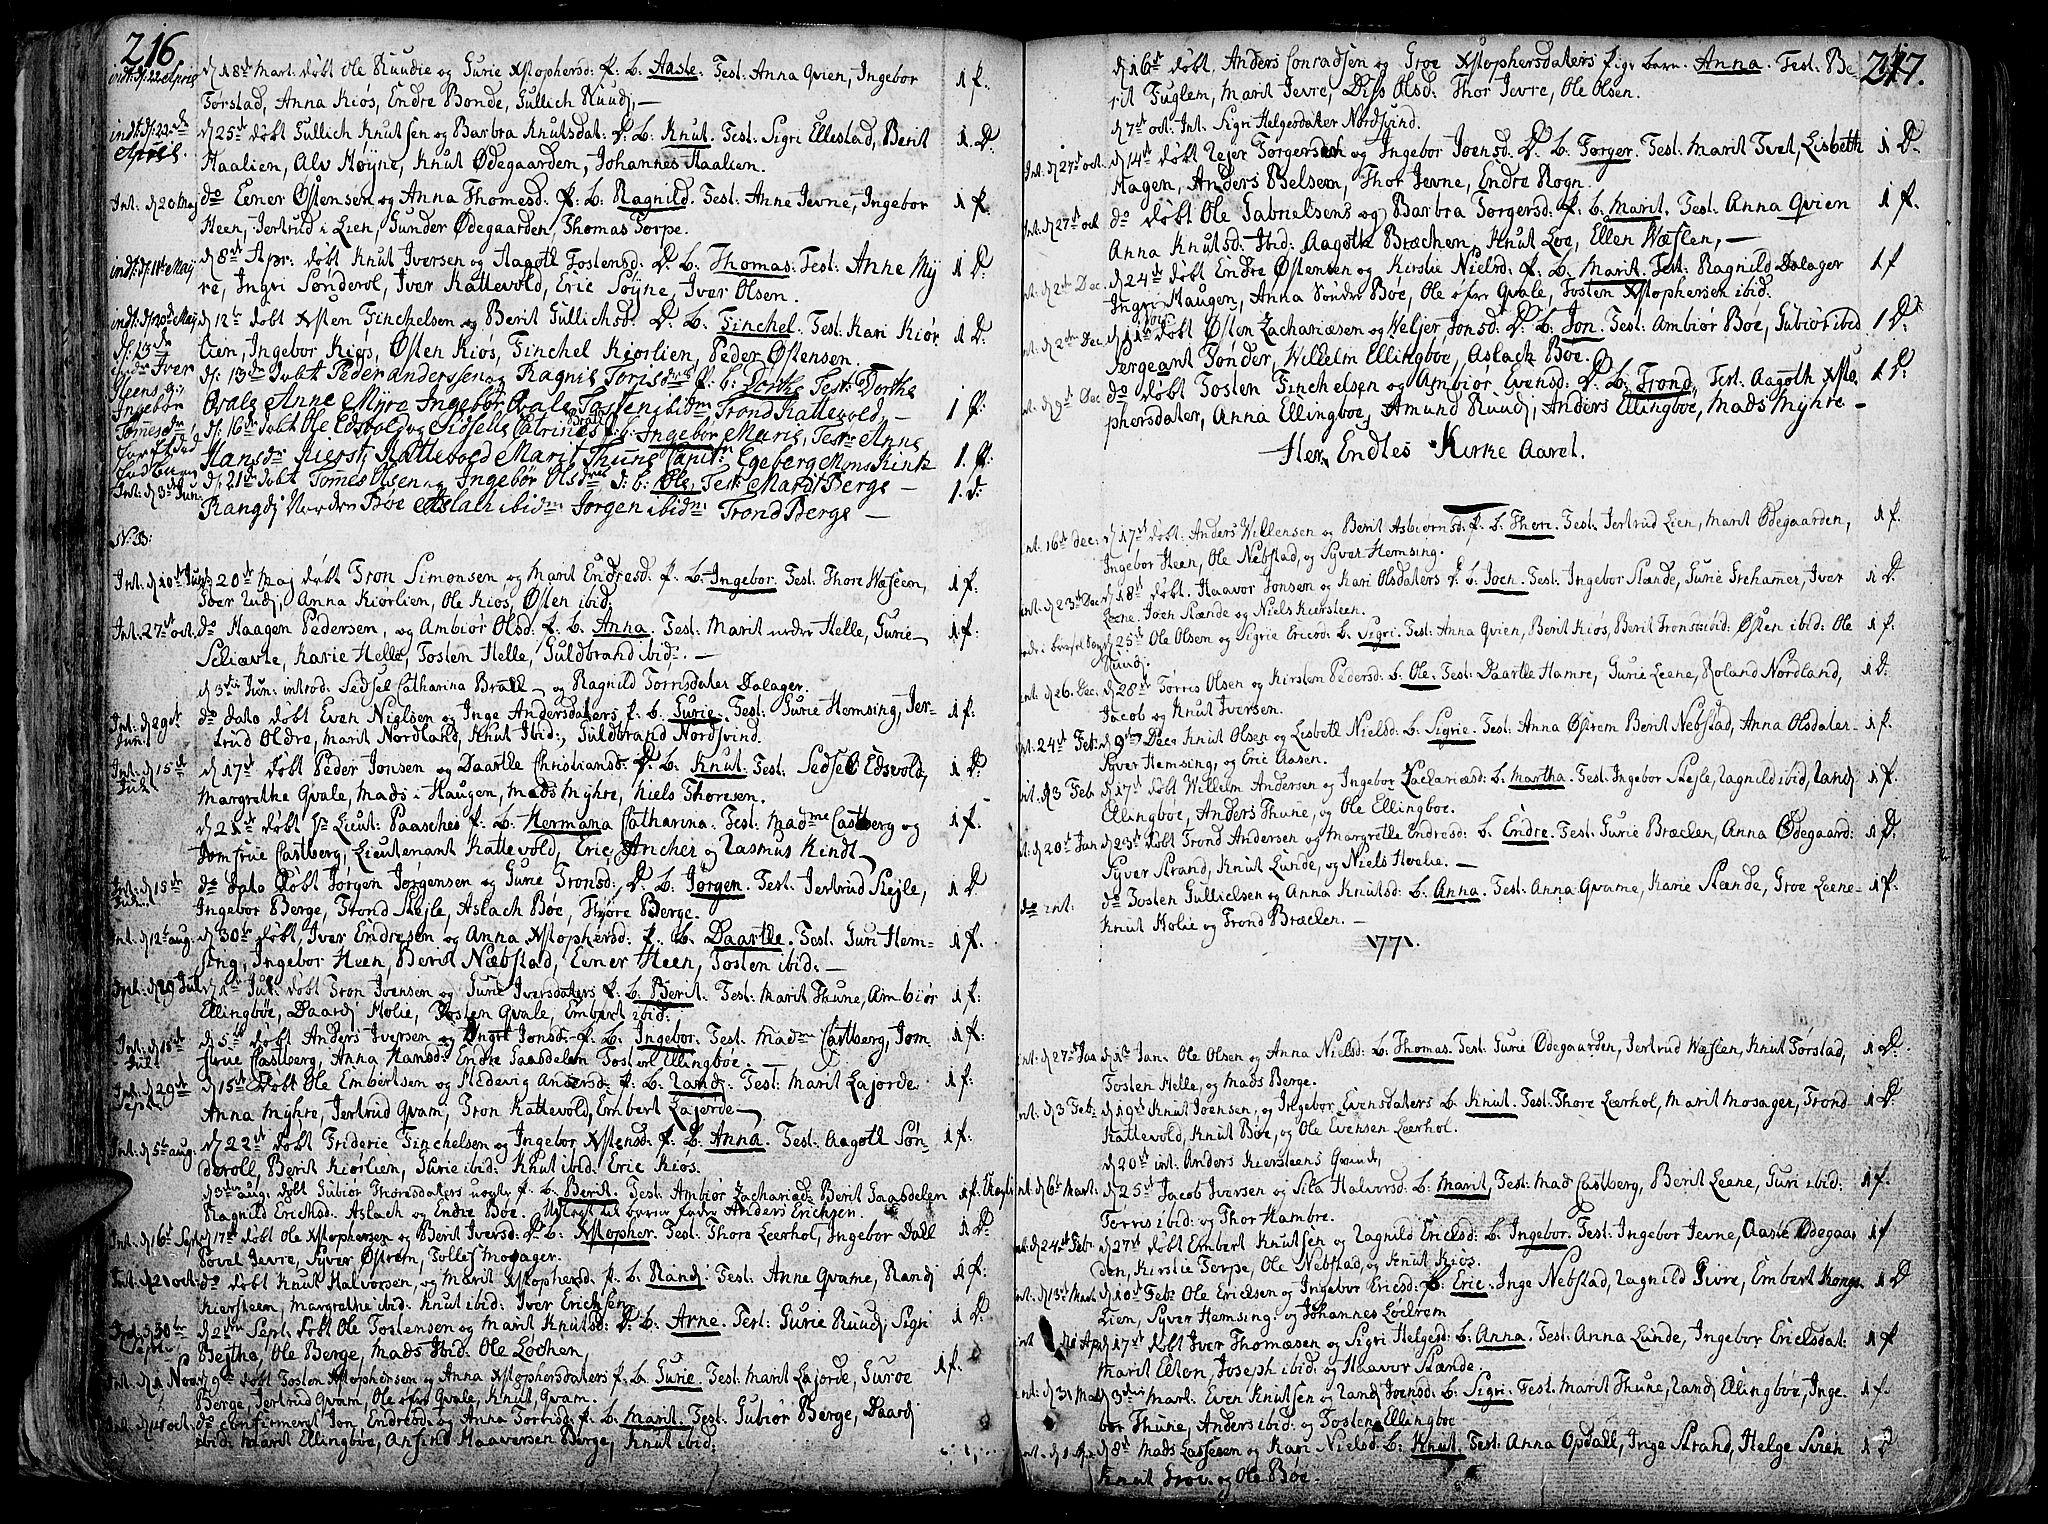 SAH, Vang prestekontor, Valdres, Ministerialbok nr. 1, 1730-1796, s. 216-217